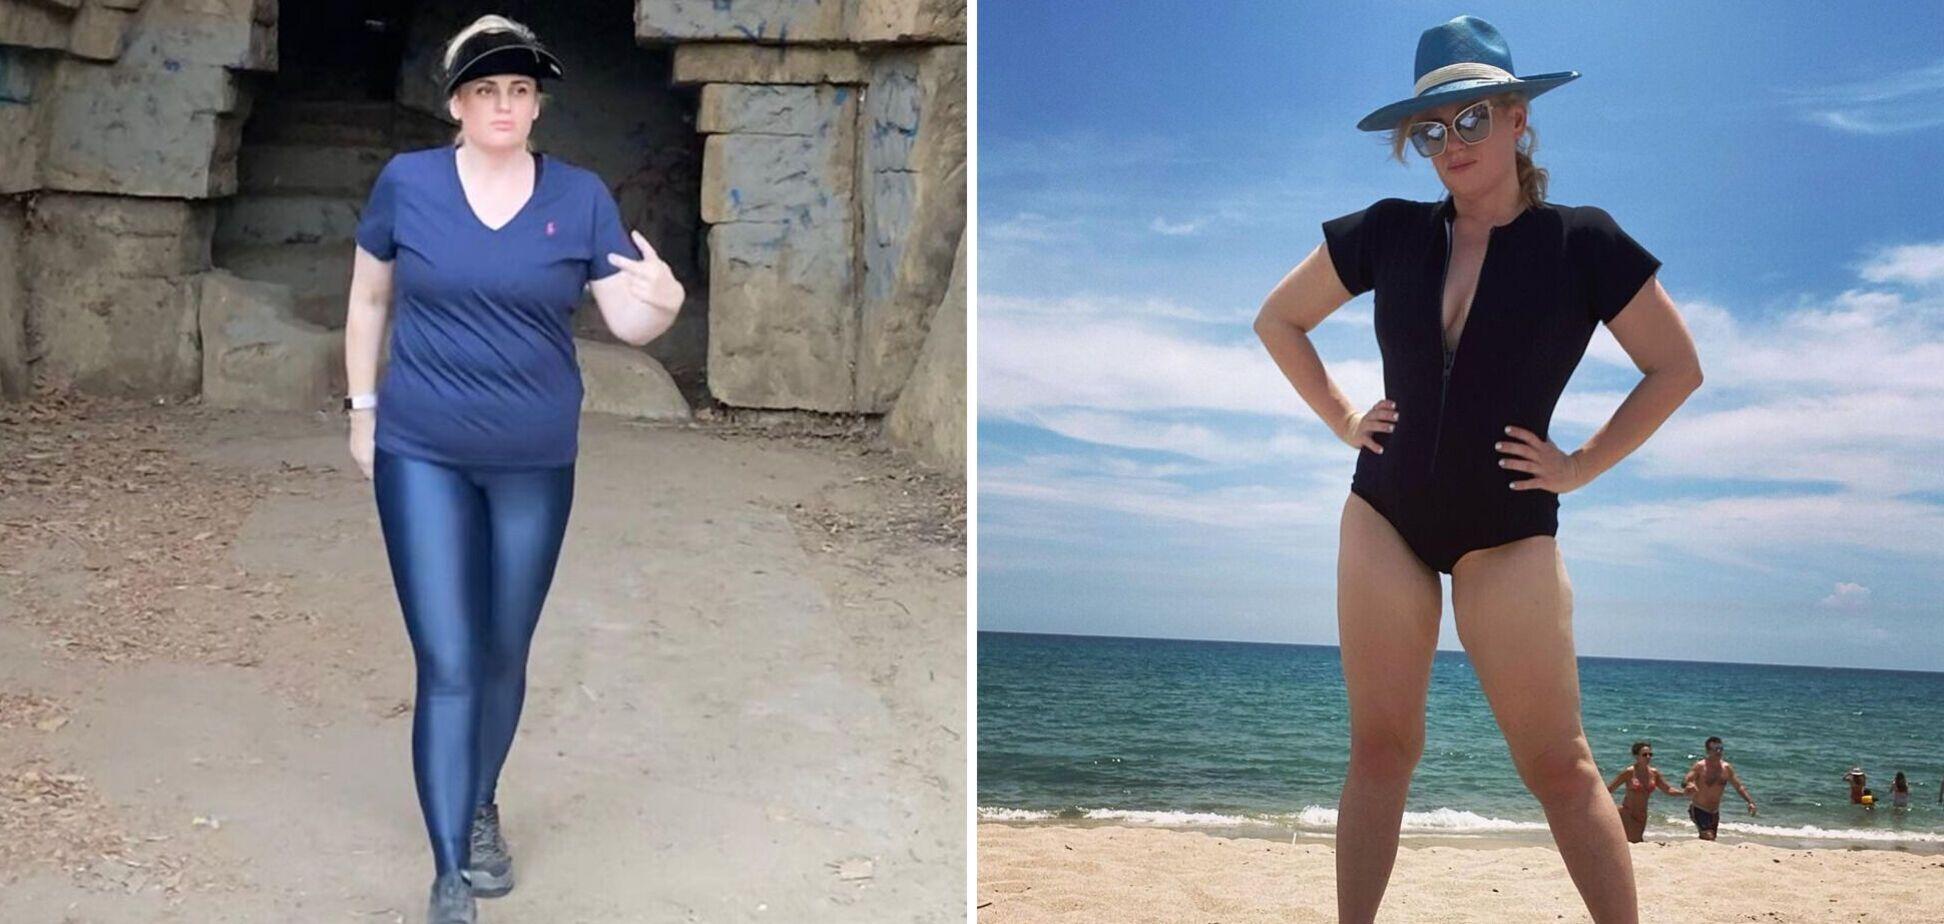 Дієта по методу Майера: як Ребель Вілсон вдалося схуднути на 20 кг. Фото до і після